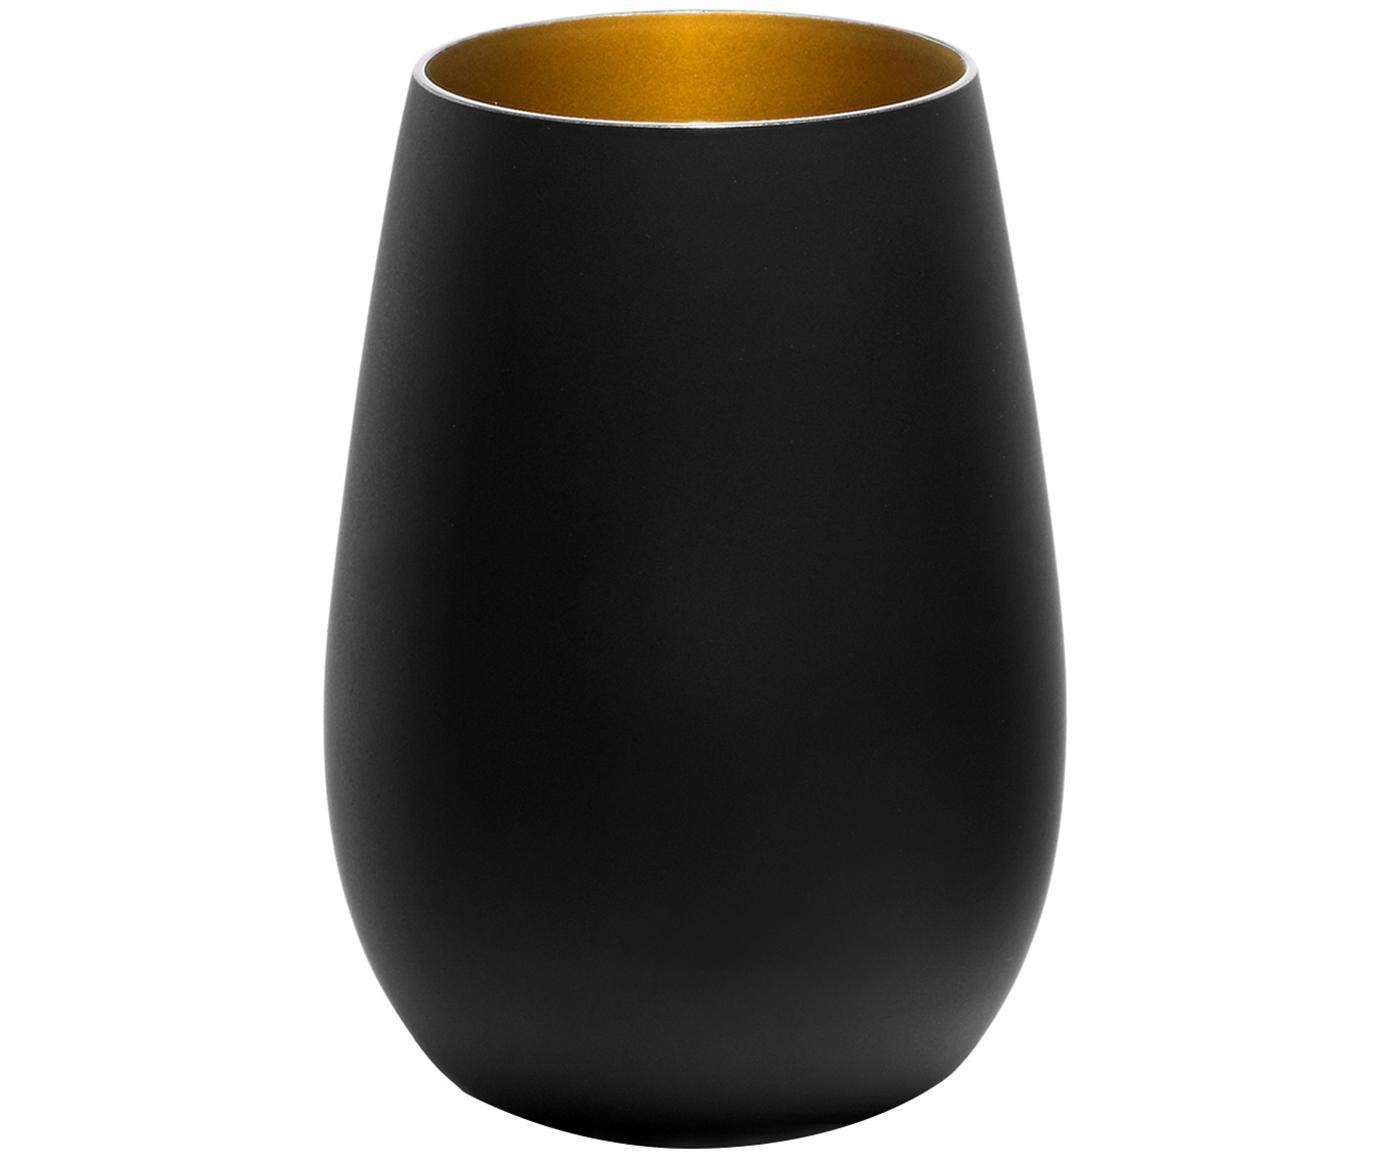 Kristal longdrinkglas Elements in zwart/goudkleurig, 6er-set, Kristalglas, gecoat, Zwart, messingkleurig, Ø 9 x H 12 cm